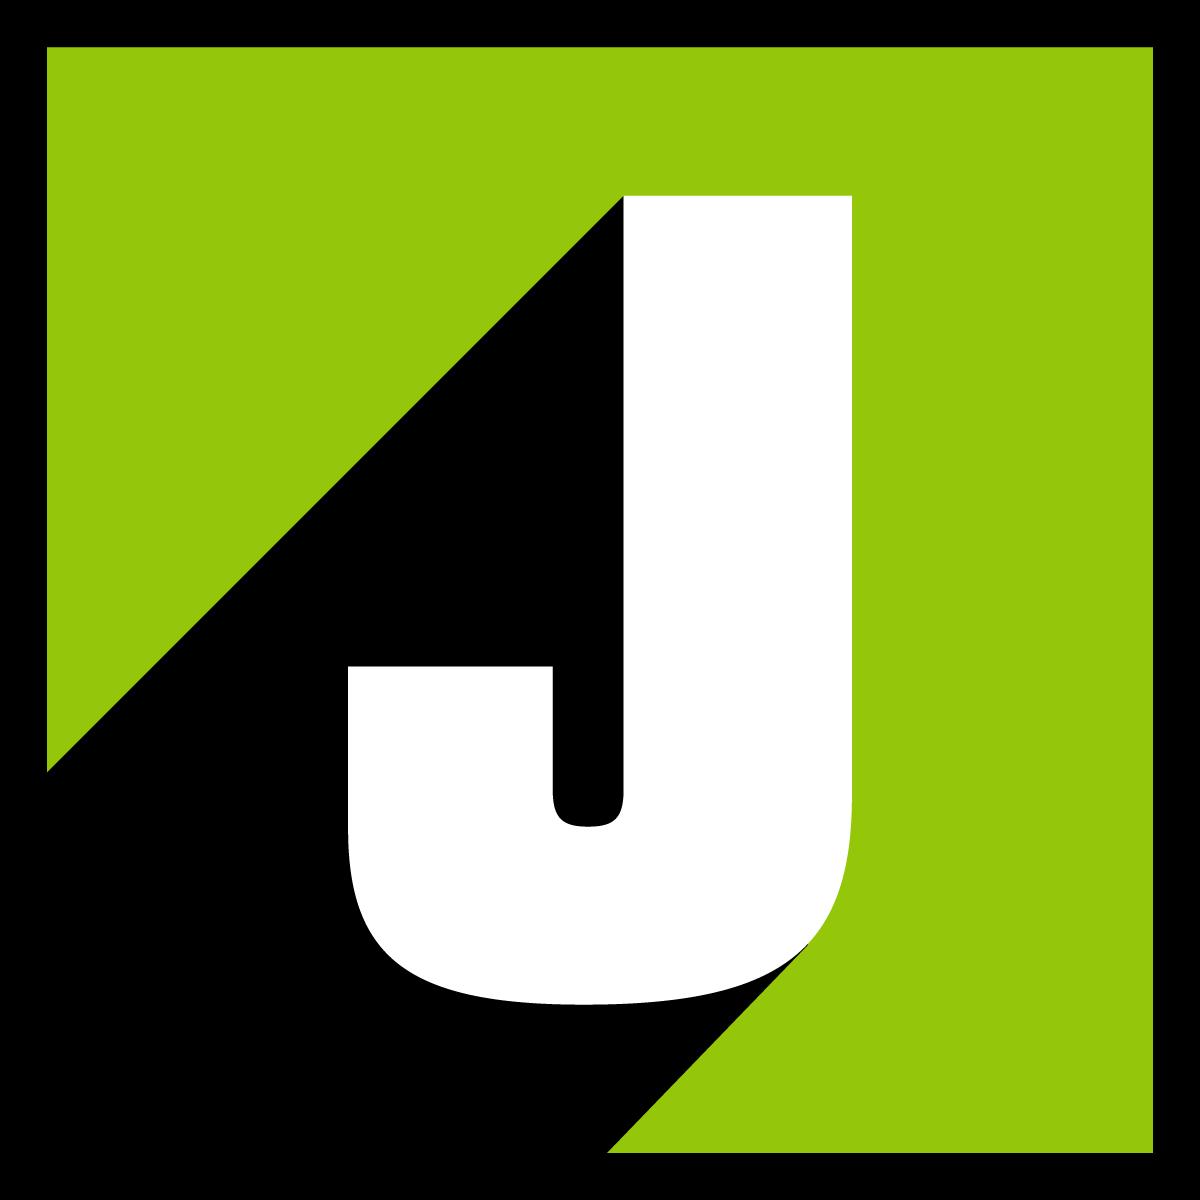 João R